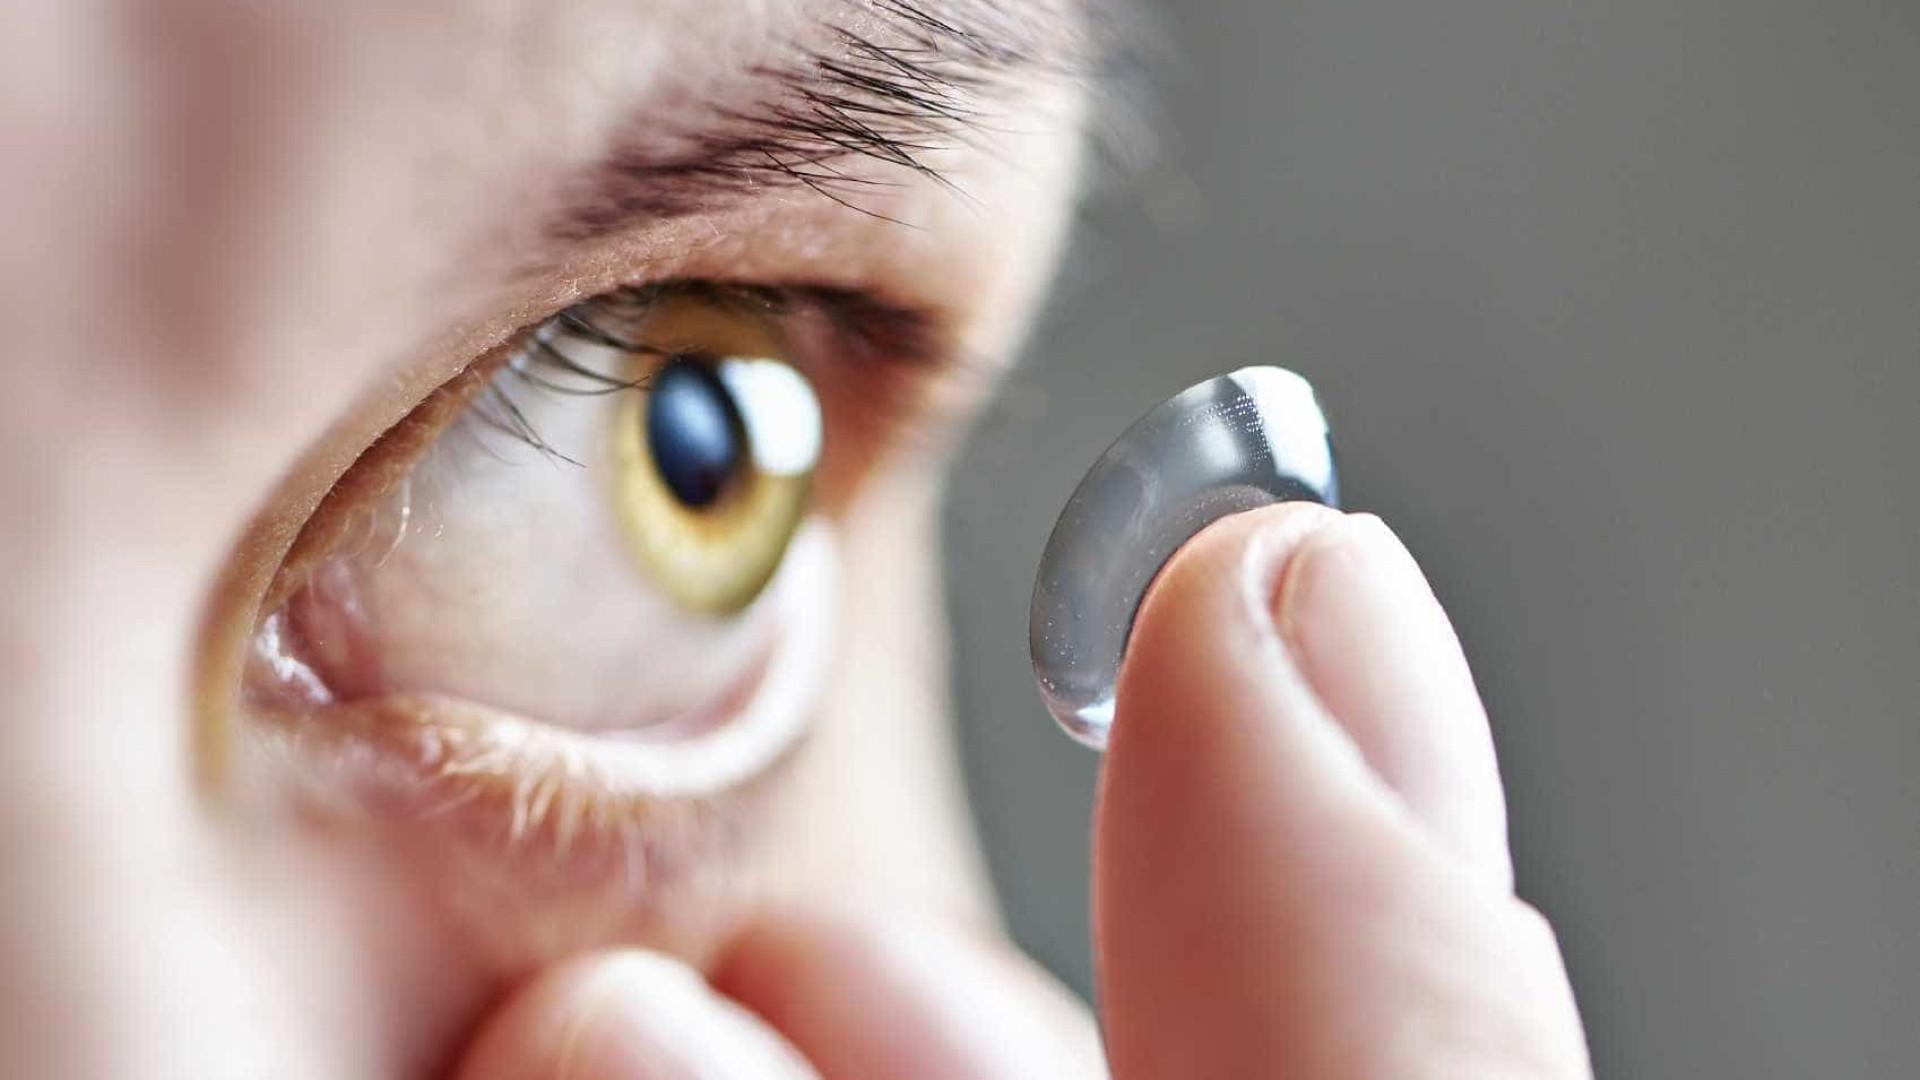 Especialistas alertam que dormir com lentes  pode levar à cegueira